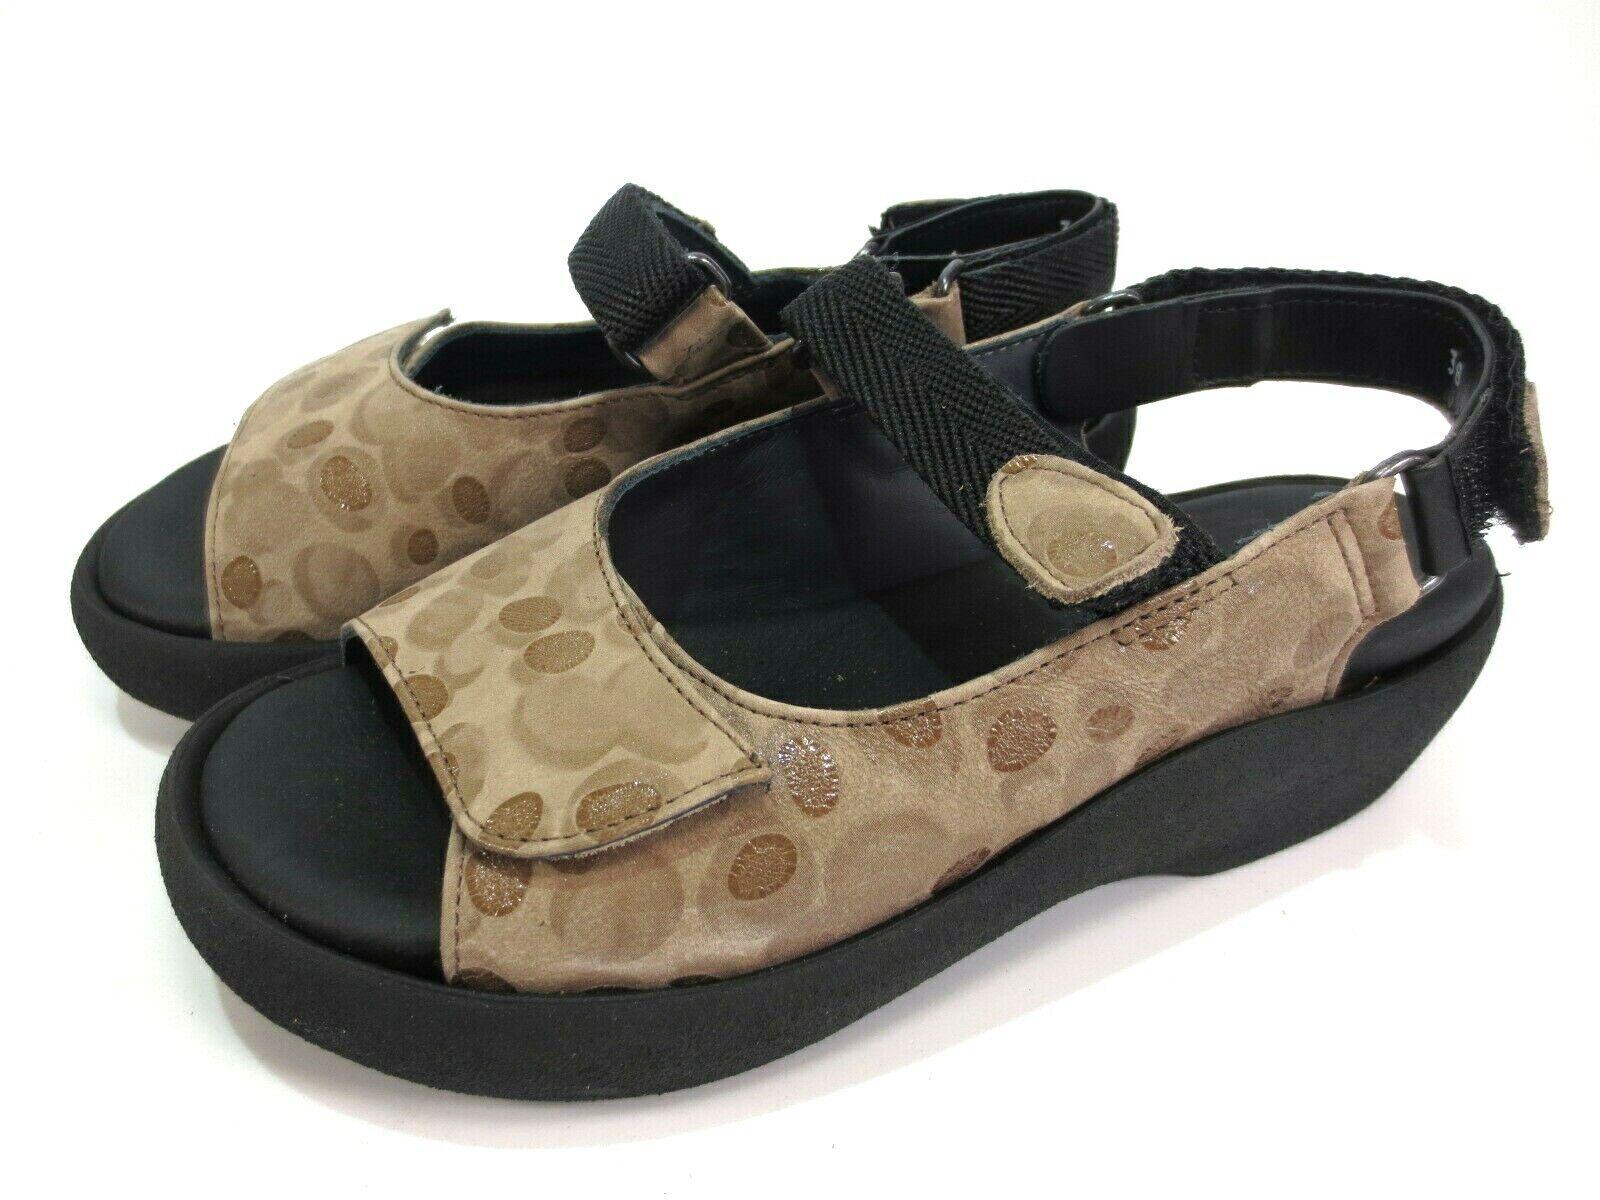 Wolky Tulip Jewel confort cuero sandalias zapatos de Color marrón velcro talla 38 nuevo depósitos